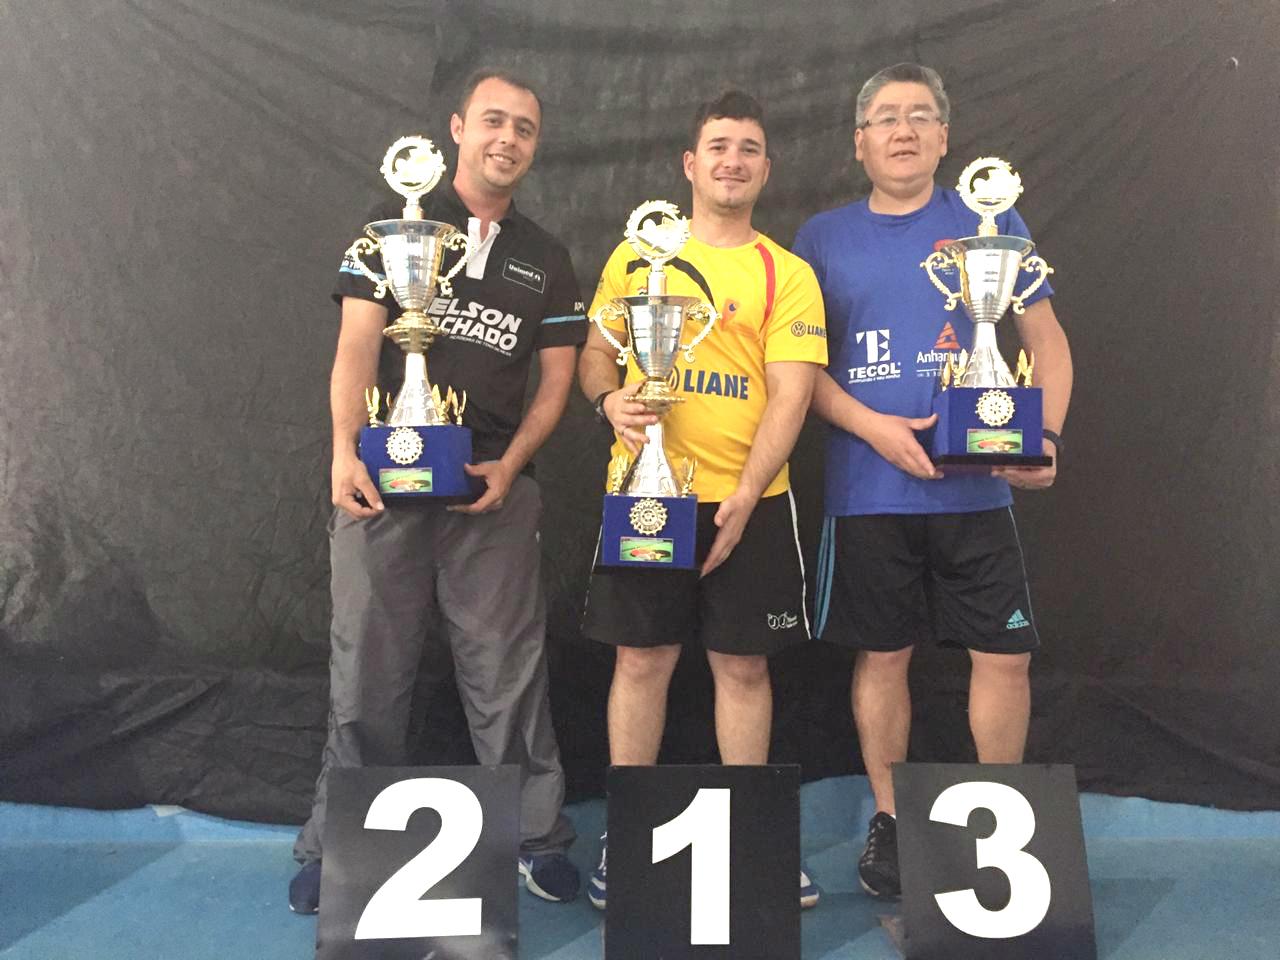 Tênis de Mesa - Yara conquista segundo lugar na 5ª etapa da Liga Oeste Paulista